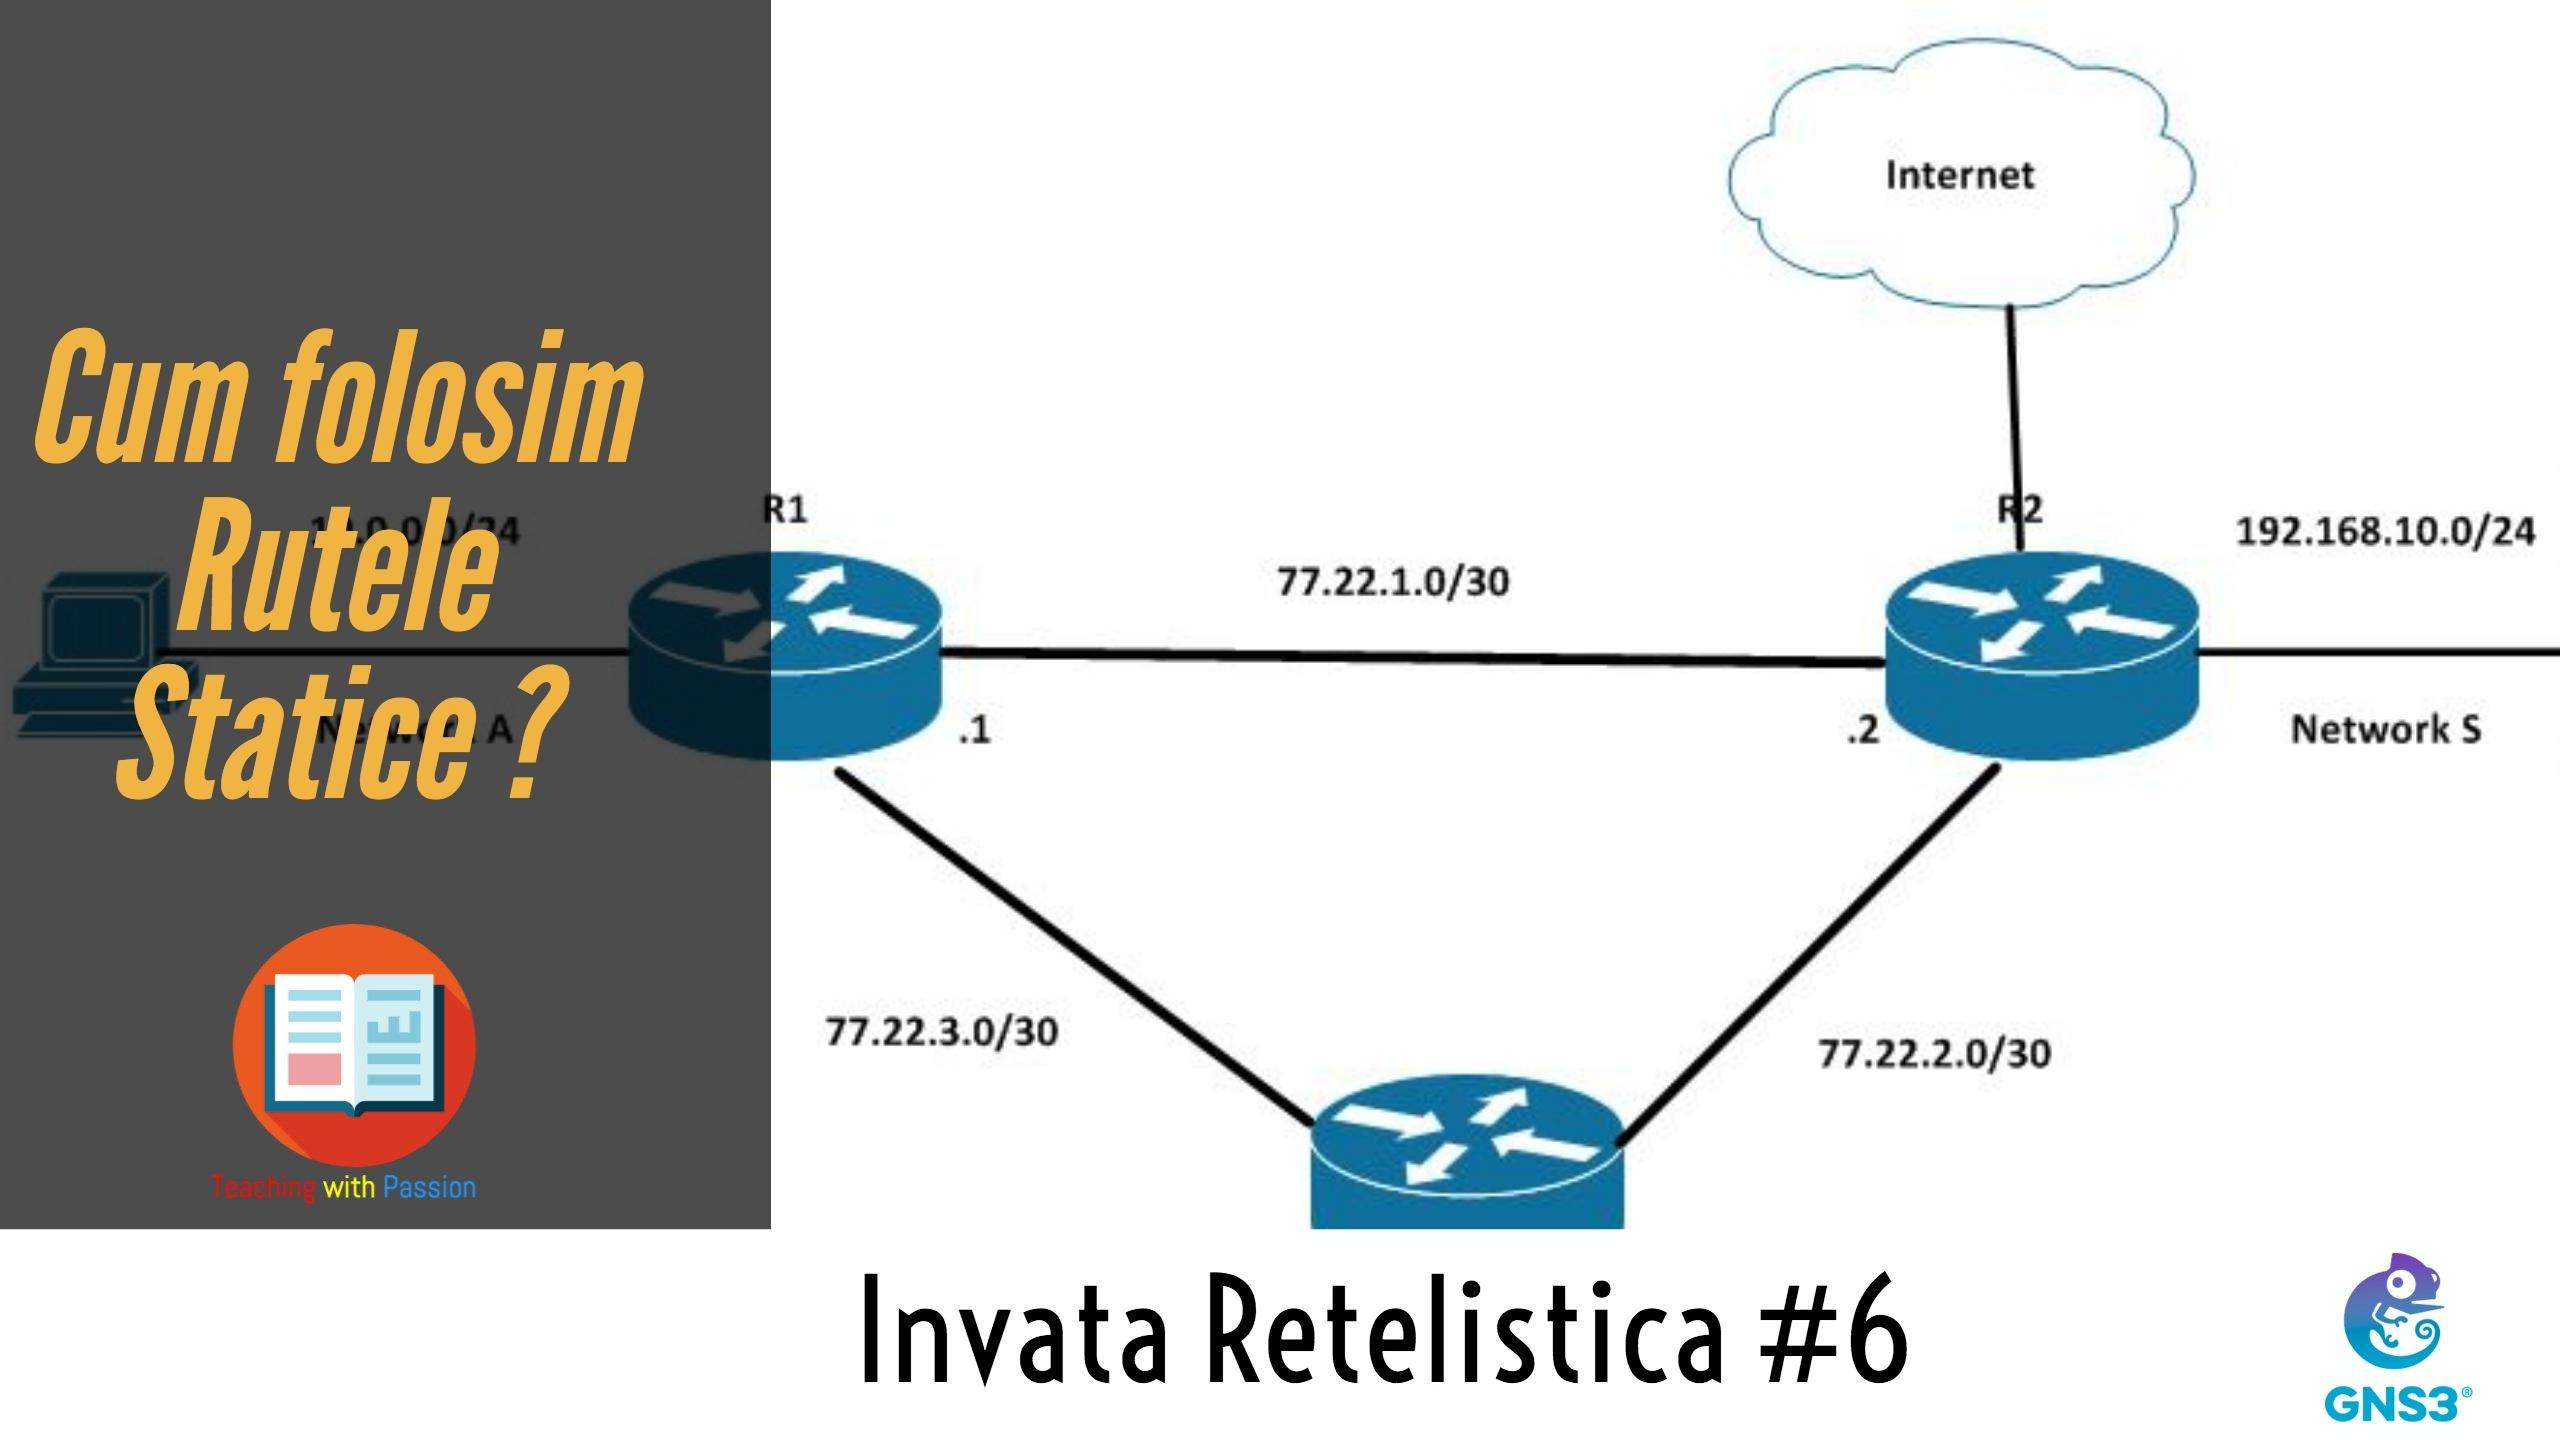 De ce avem Nevoie de Rute Statice pe Routere ? | Invata Retelistica #6